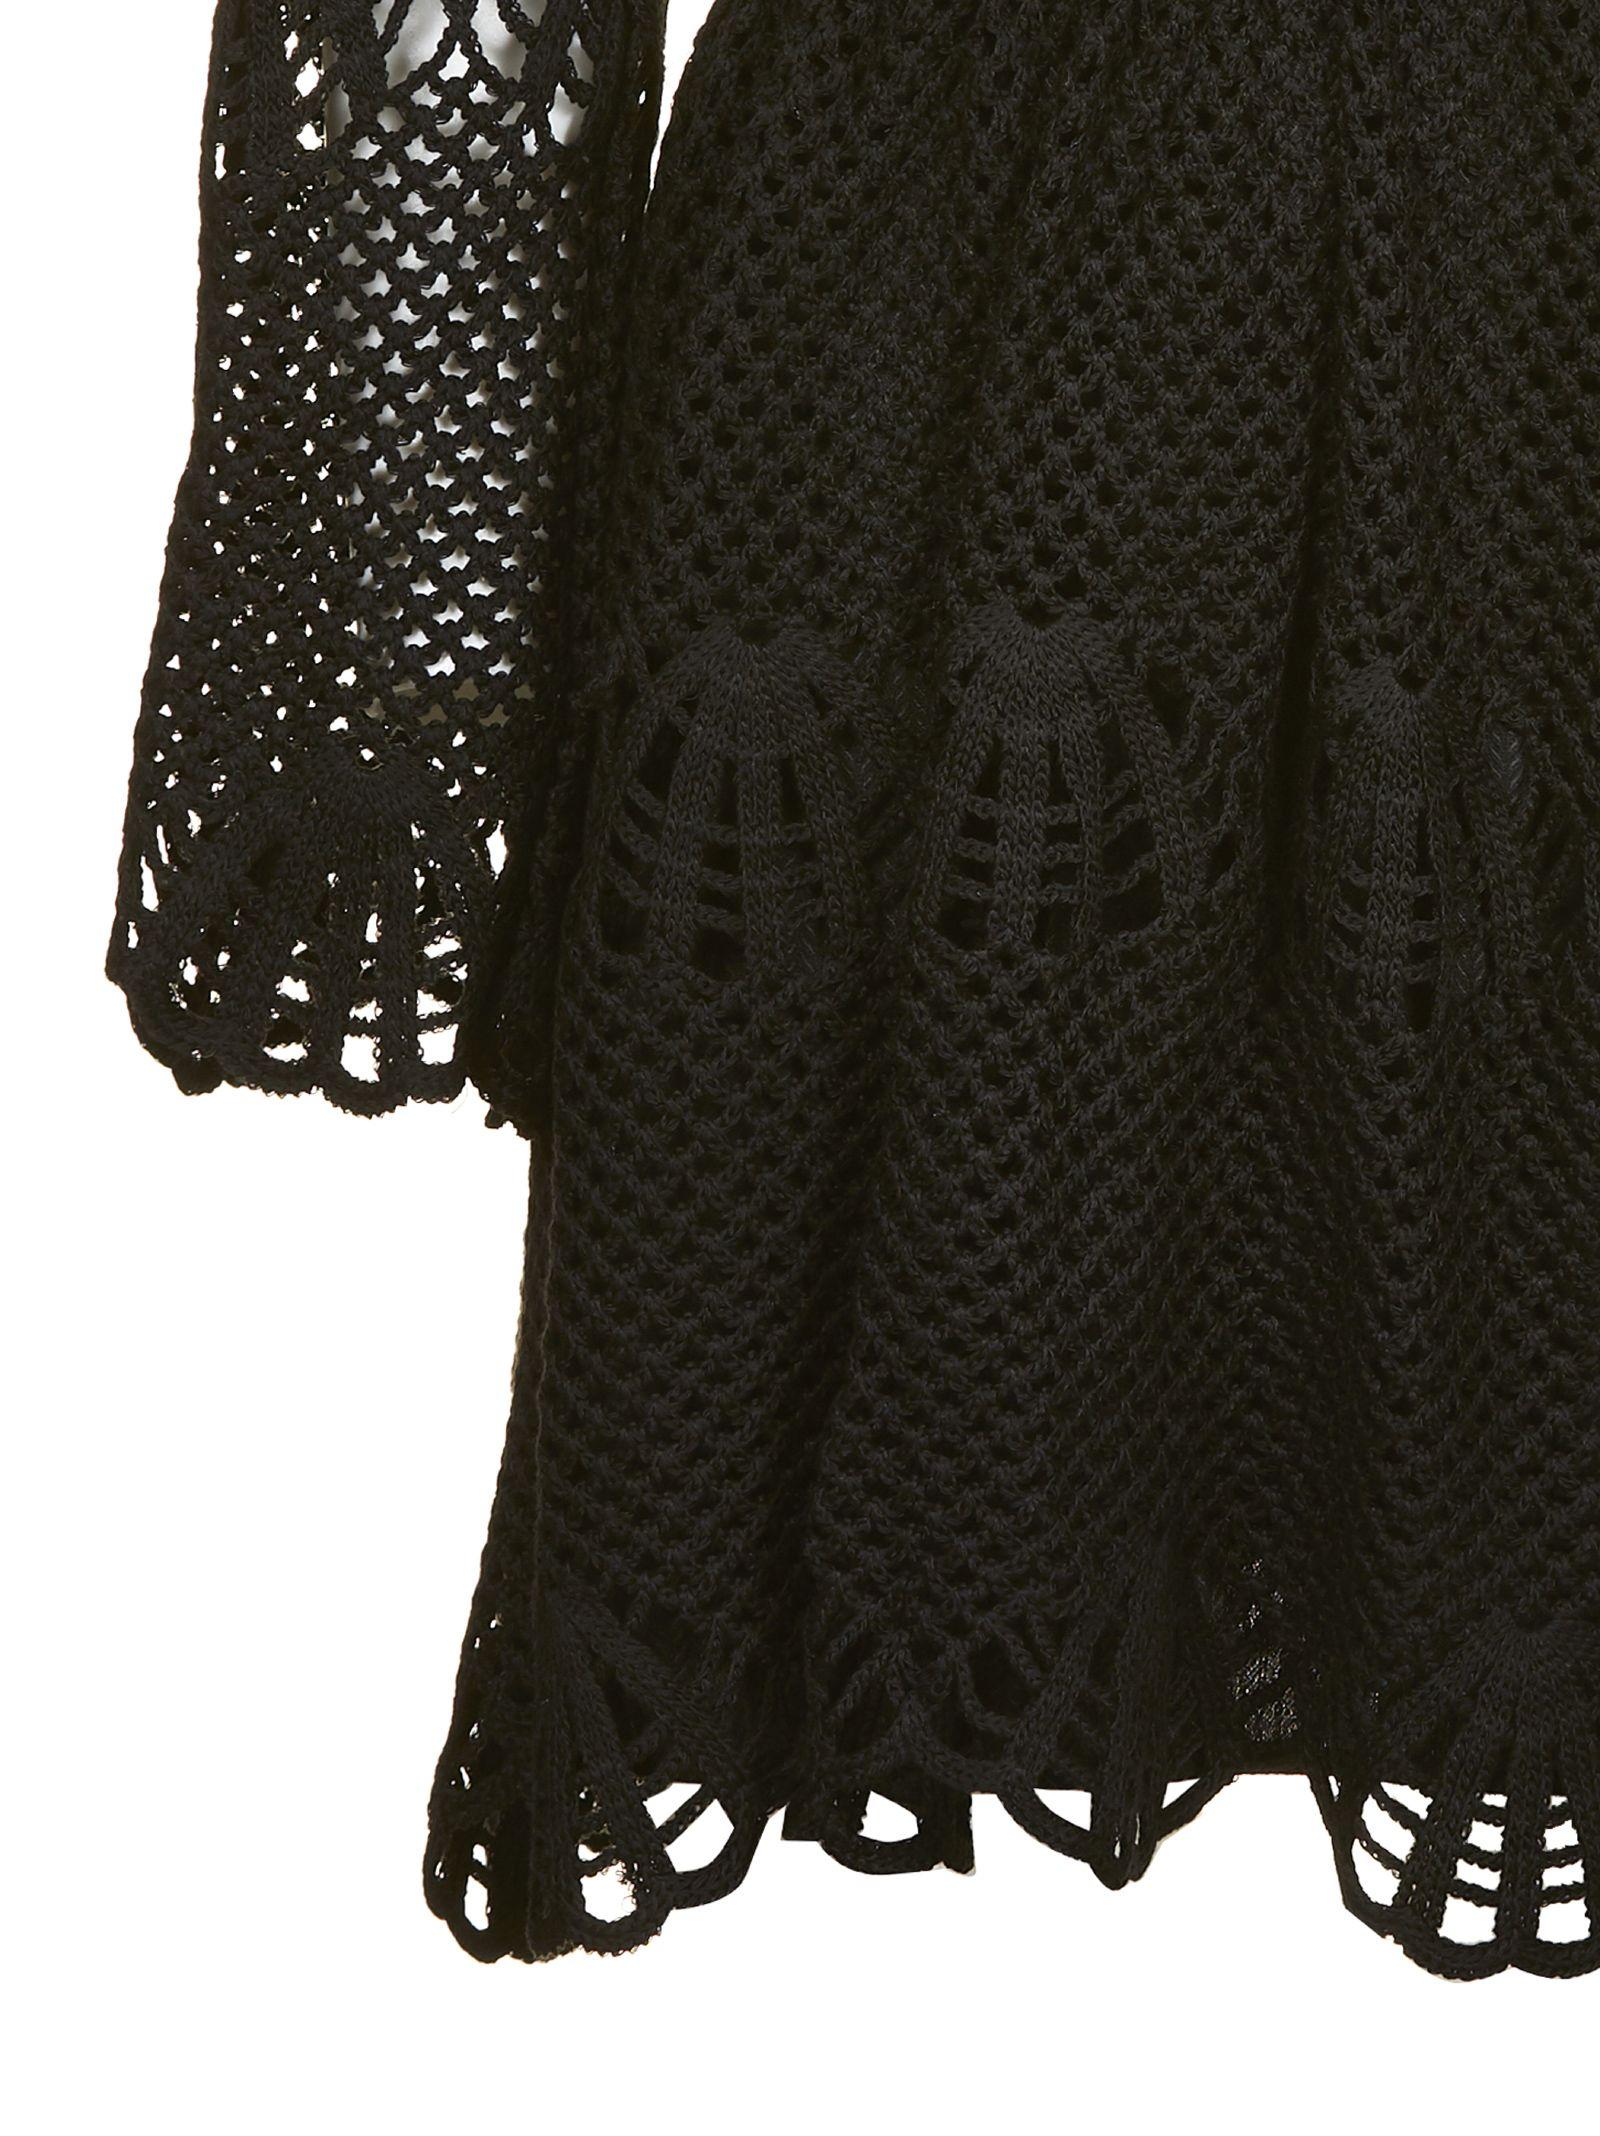 Self 10699428Italist Dress Netted Black Portrait jqc5L34AR